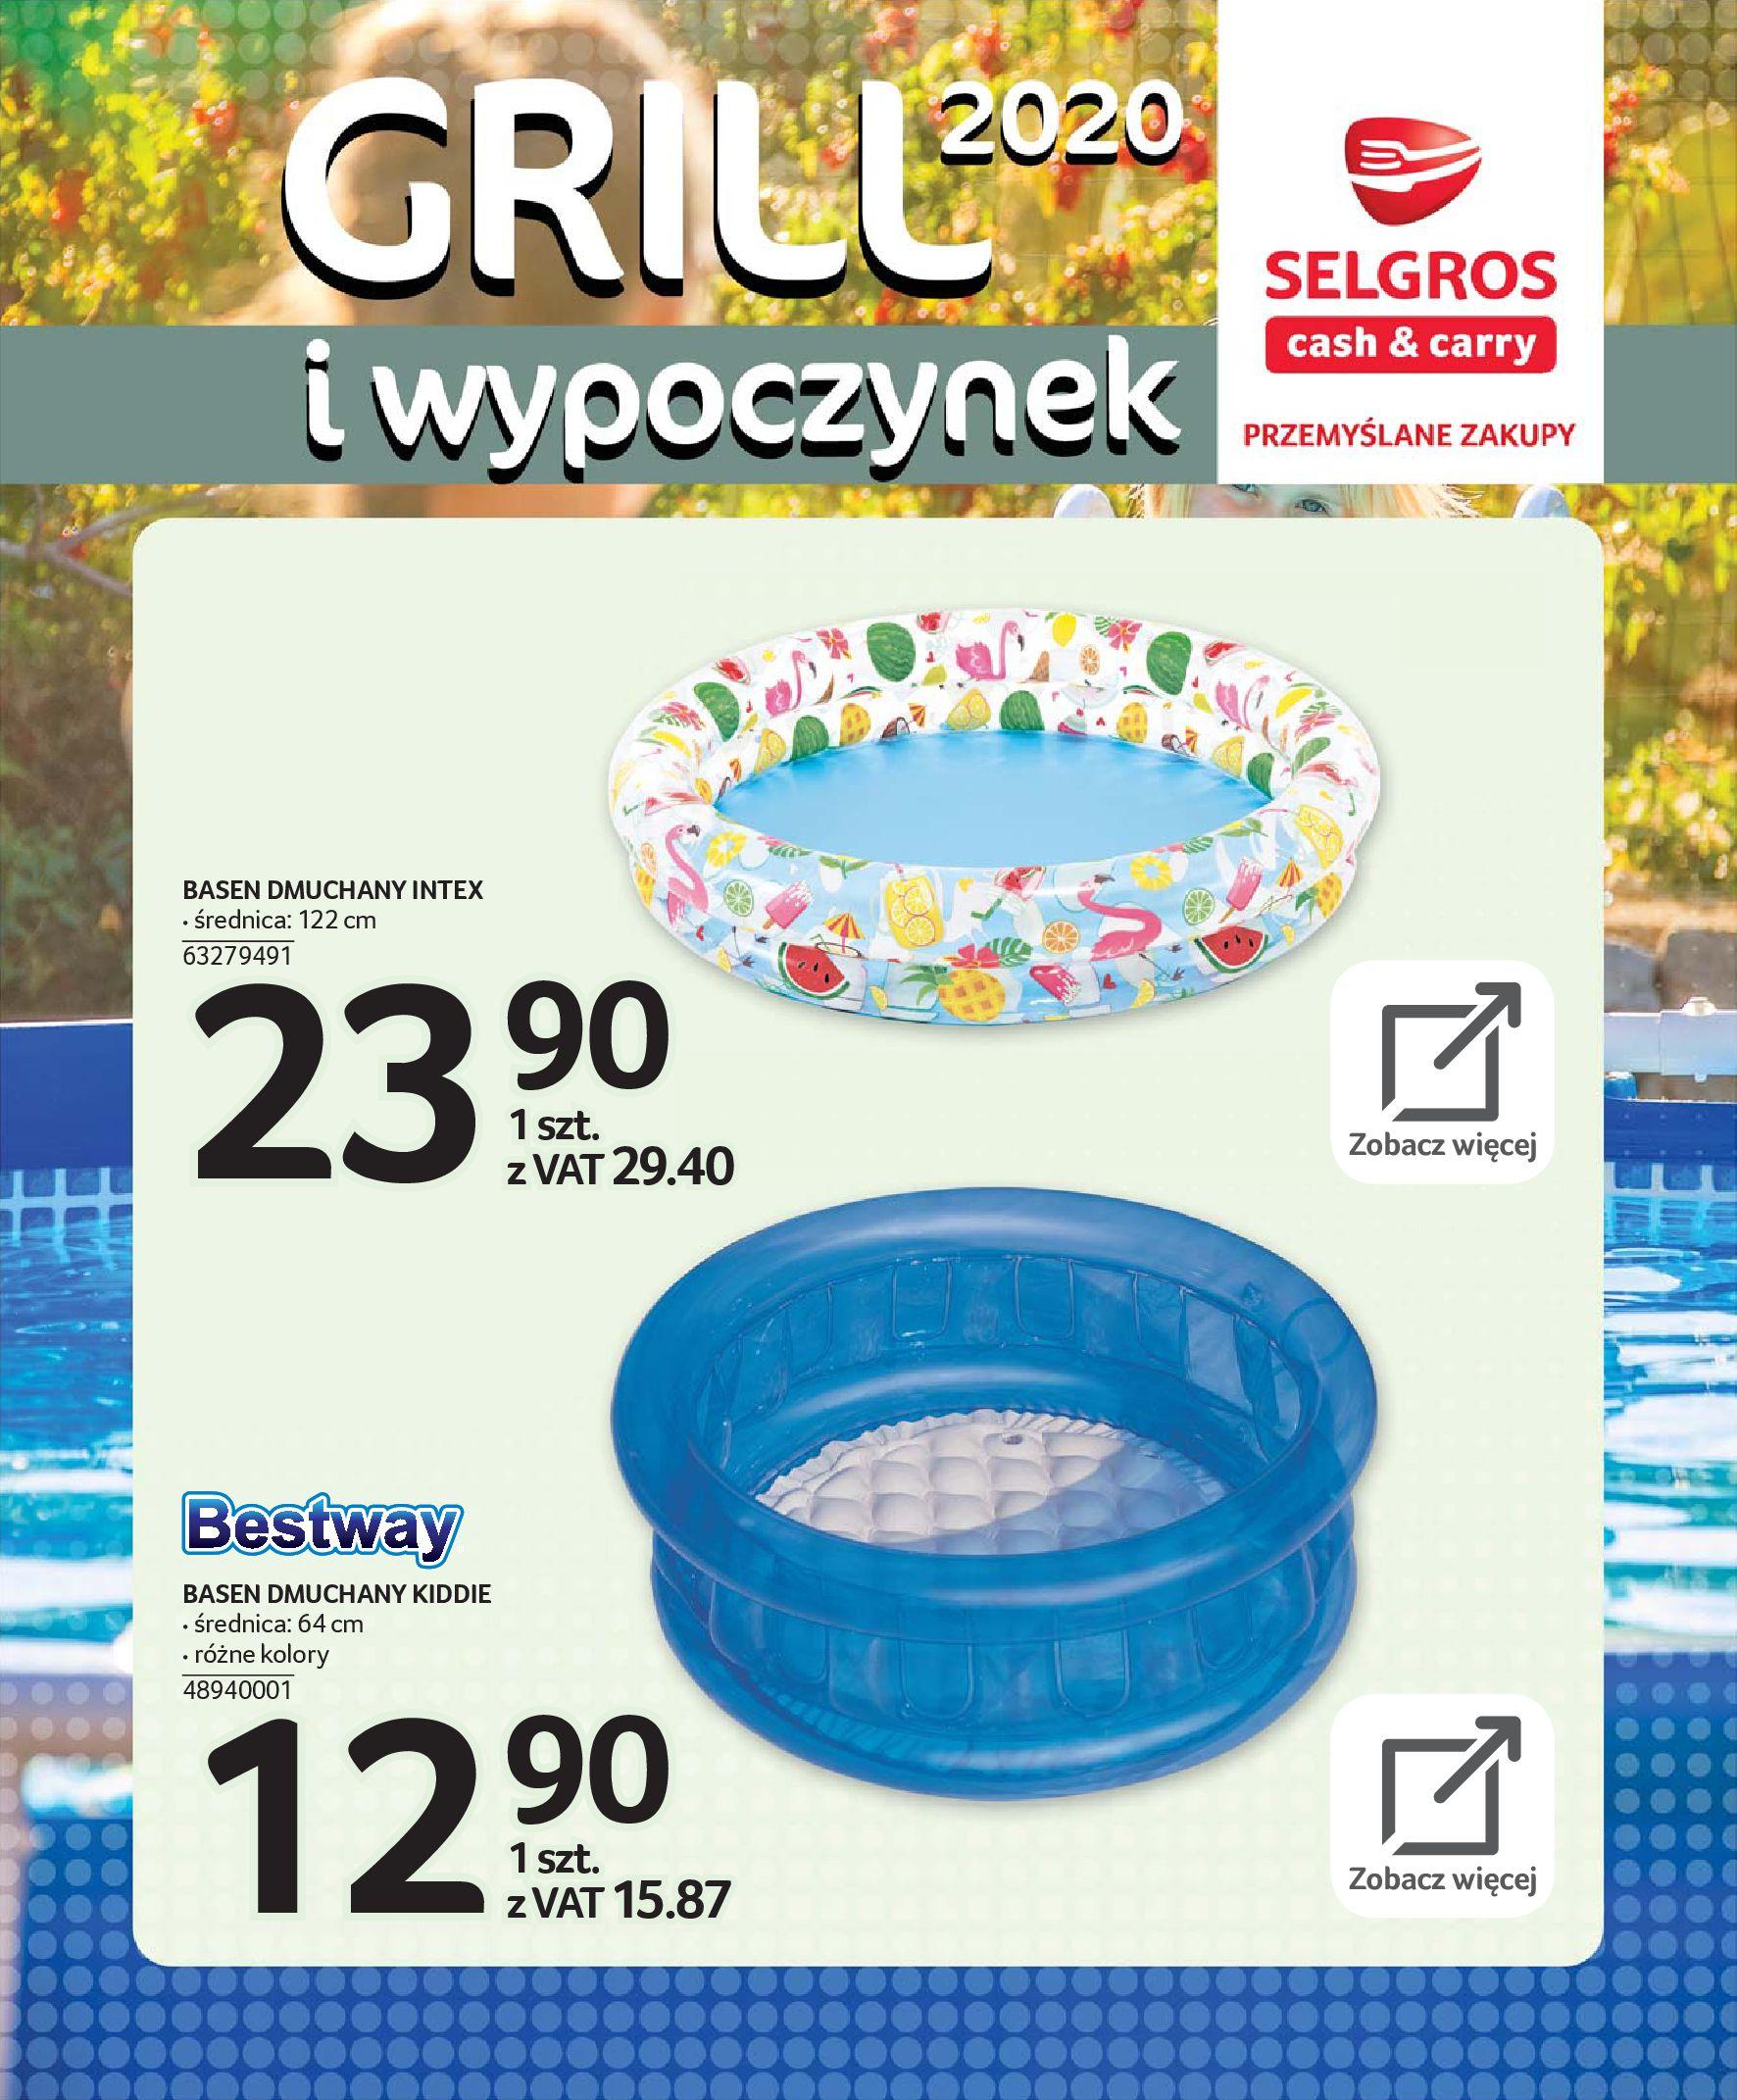 Gazetka Selgros - Katalog - Grill i wypoczynek-31.03.2020-31.08.2020-page-111